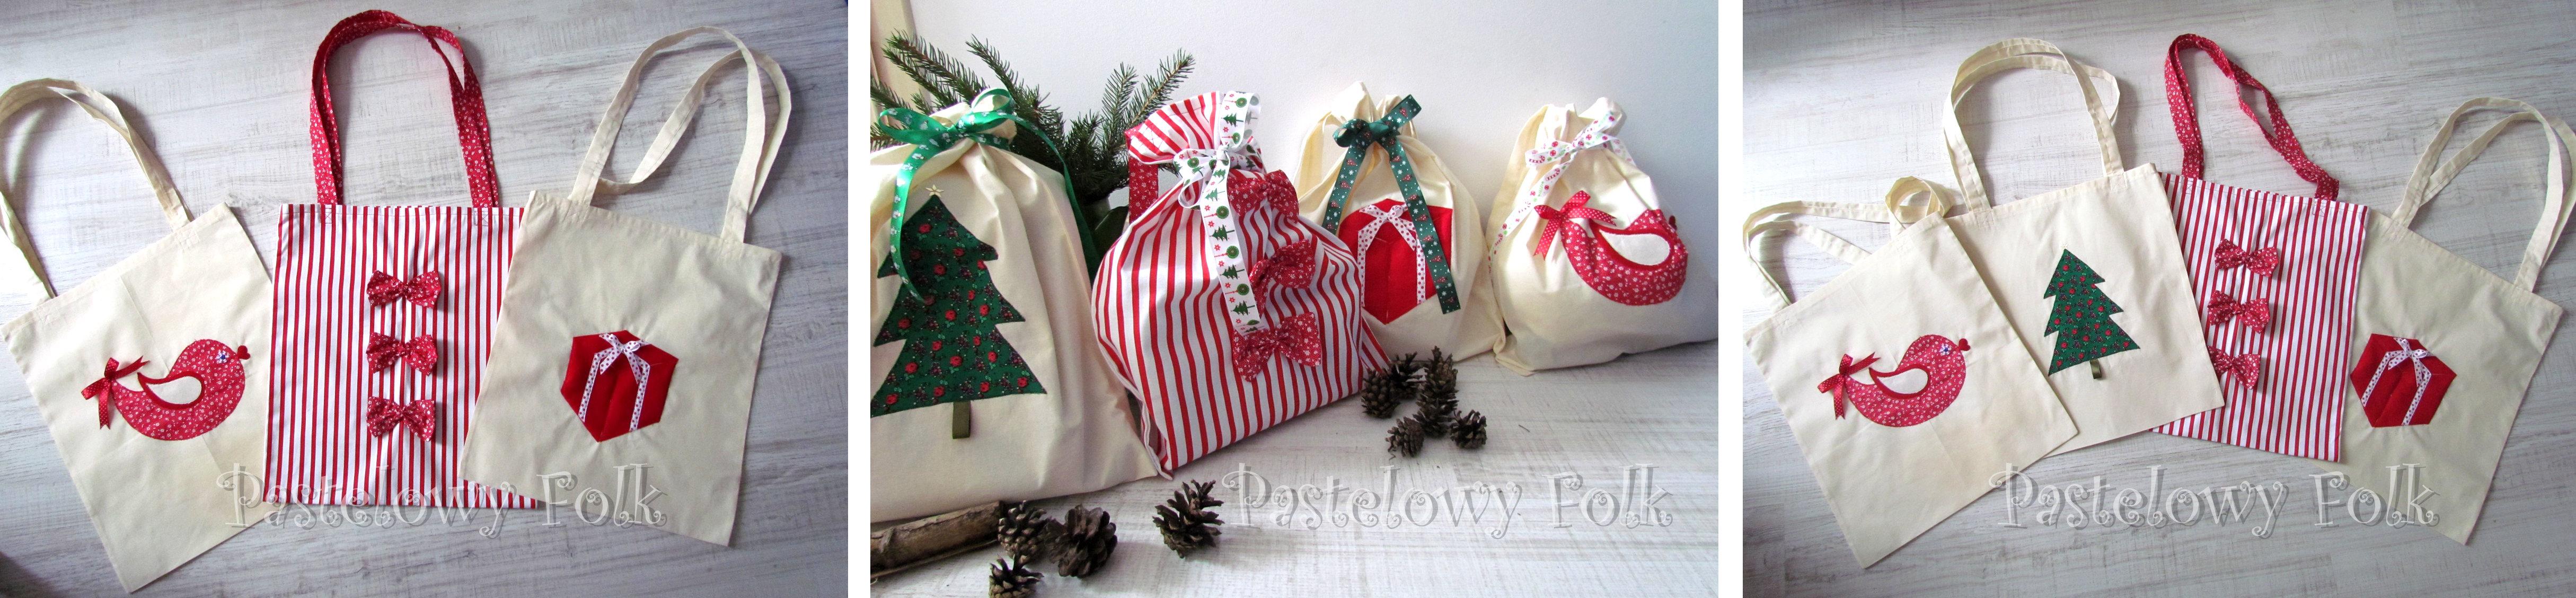 TORBA EKO- 04 - torebki na prezenty świąteczne ekologiczne bawełniana eco na zakupy 2